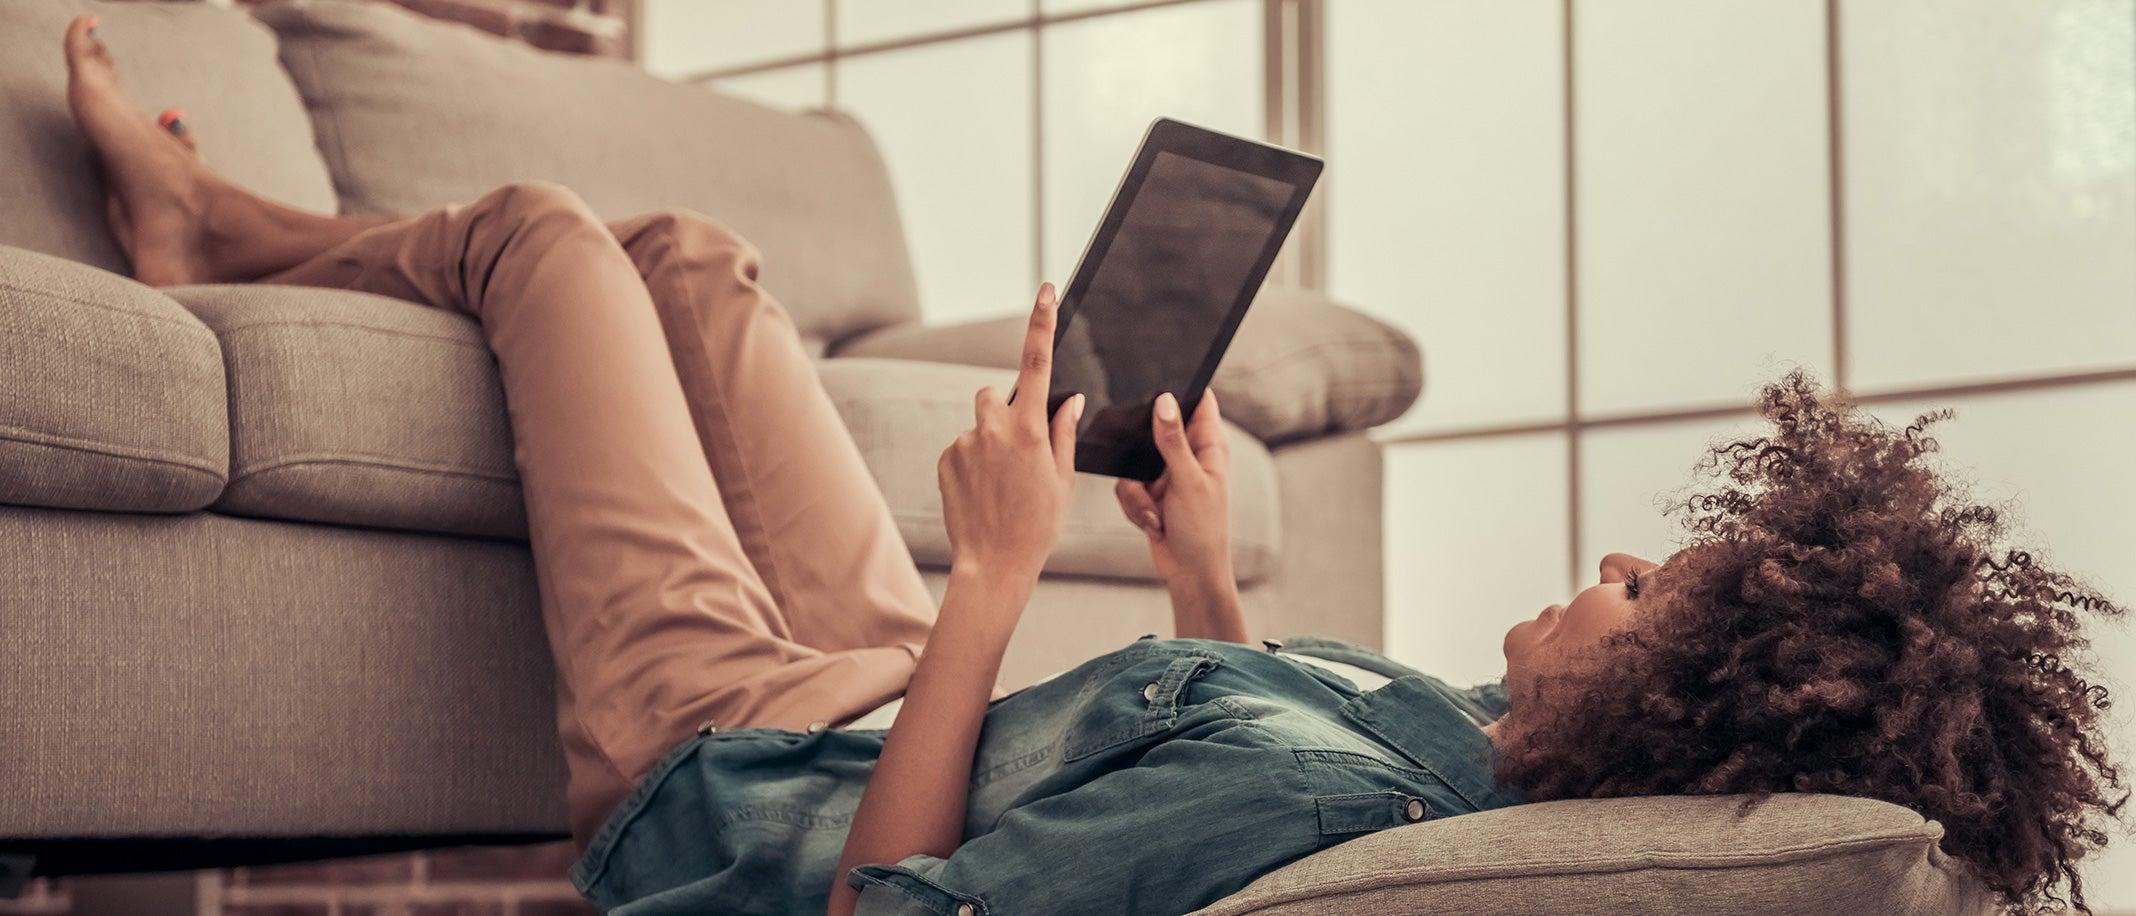 Frau surft zuhause mit dem Tablet